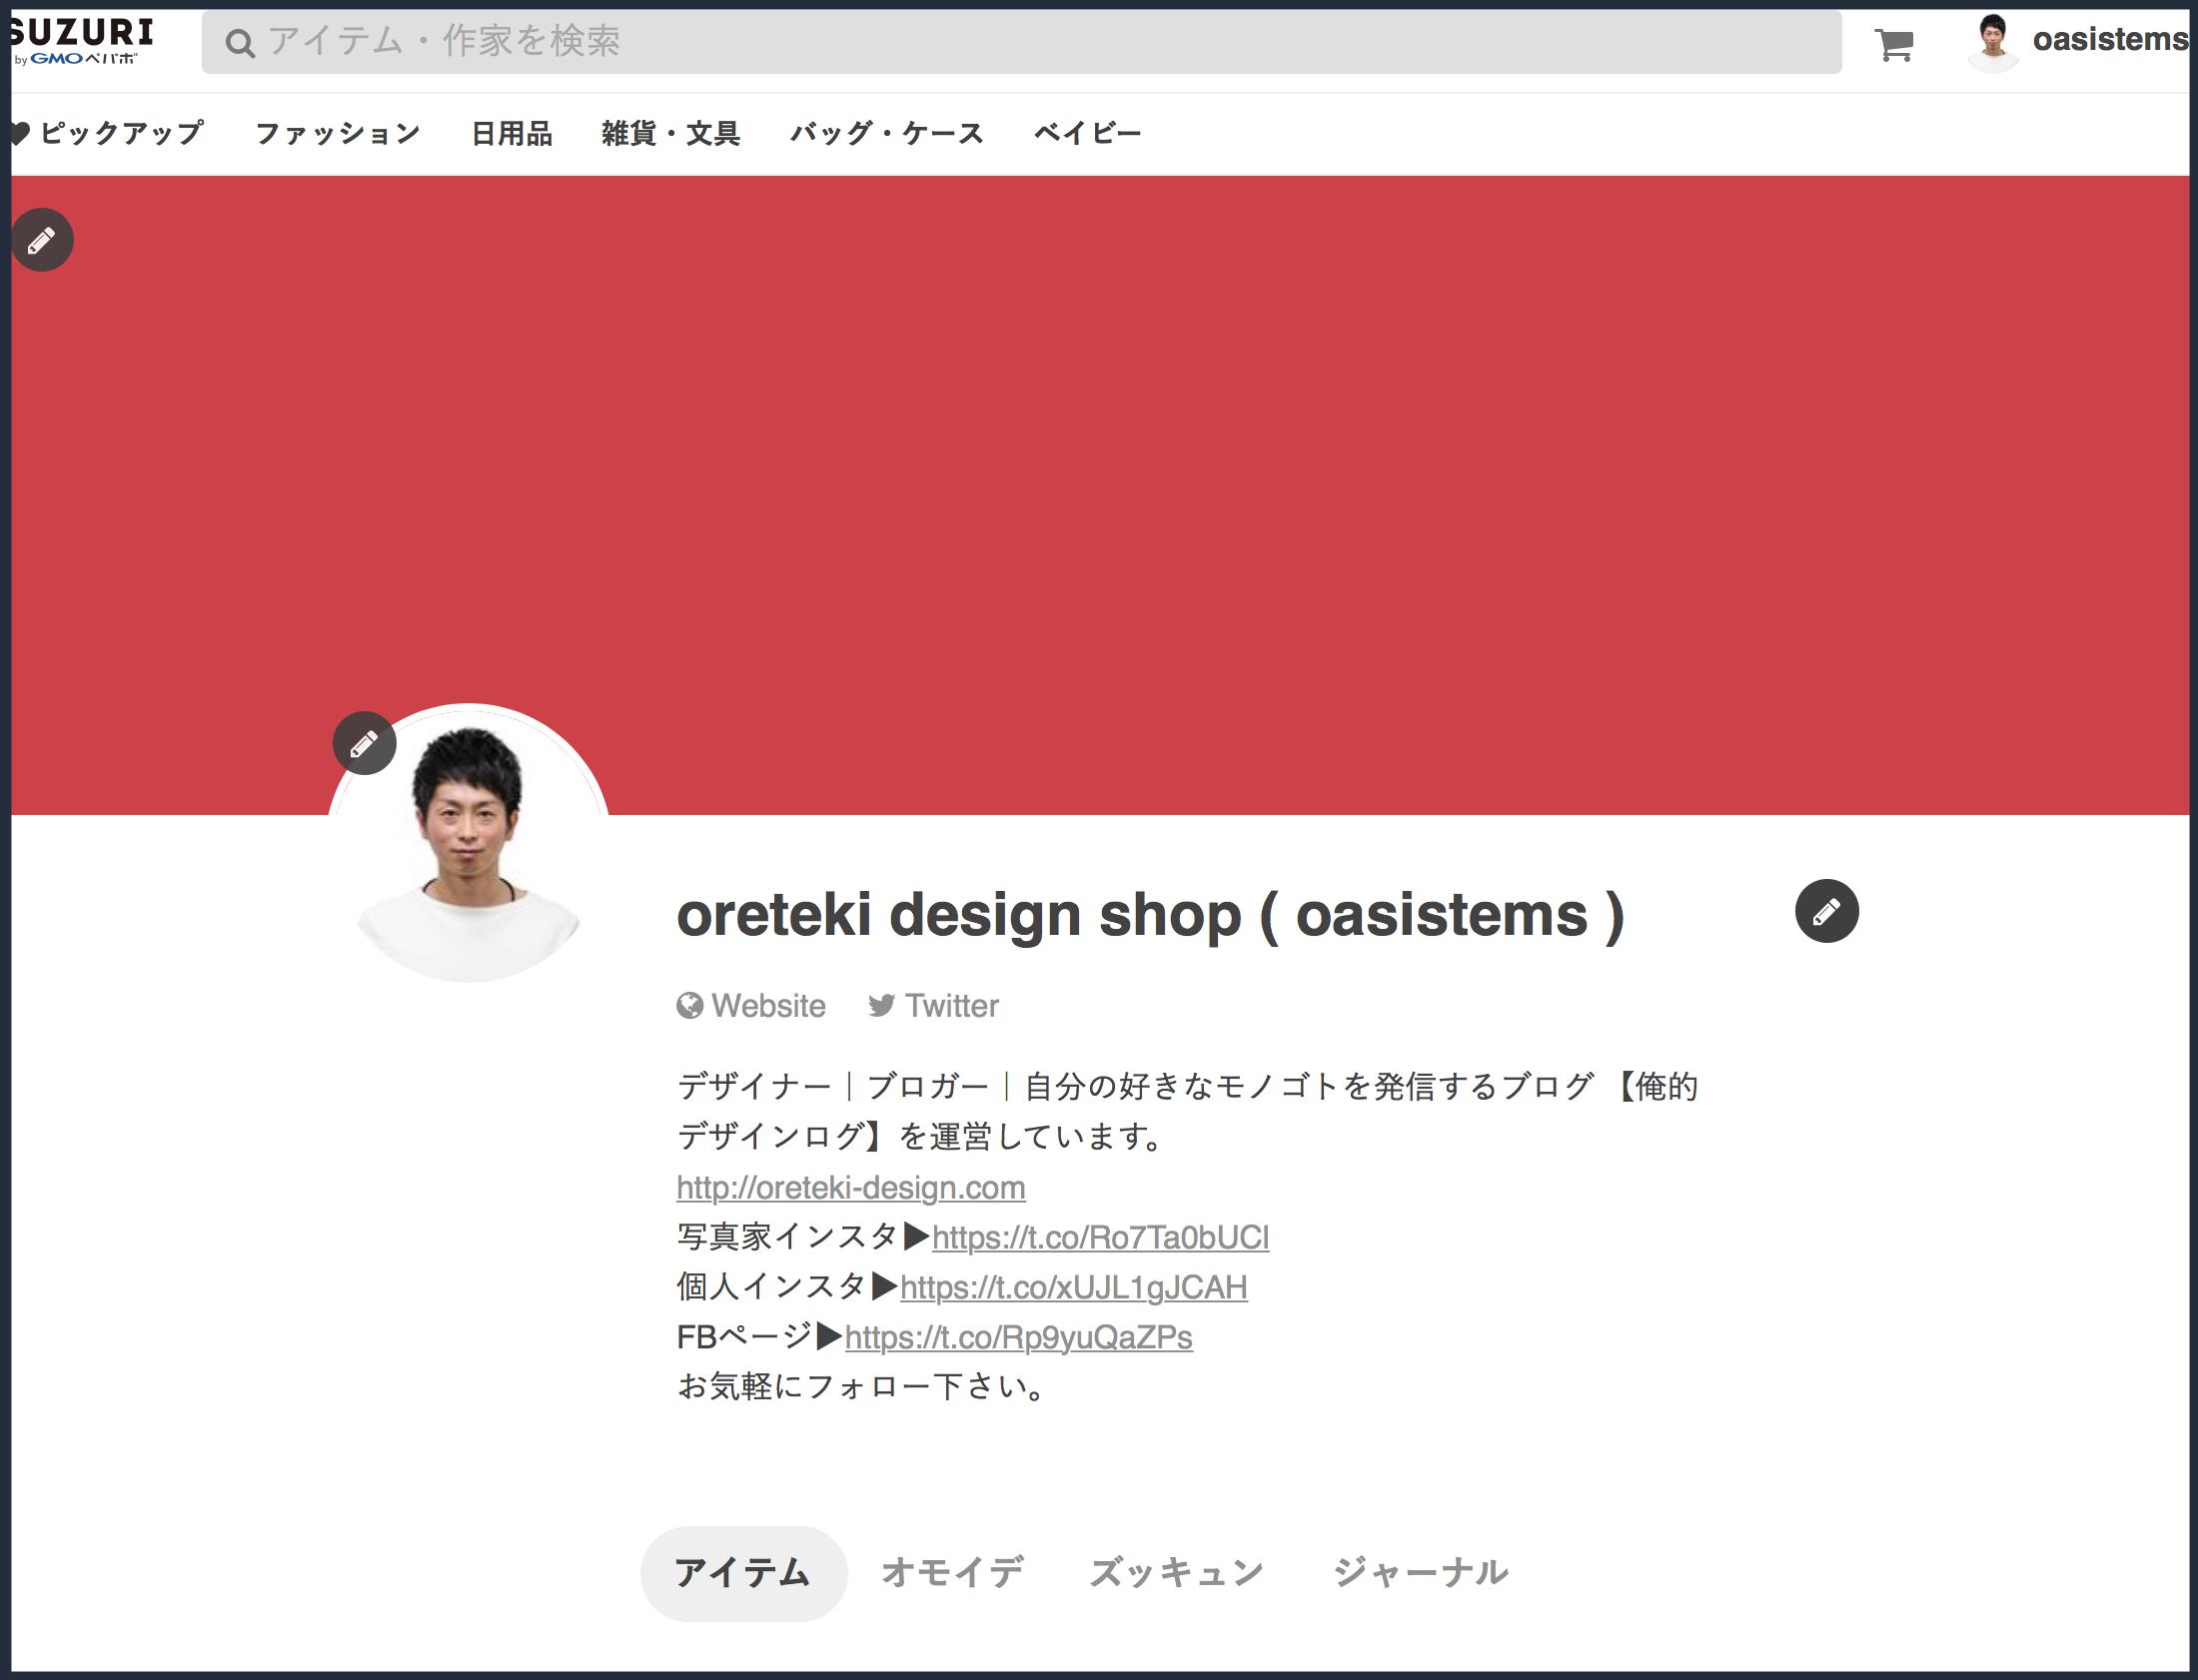 SZURIショップ画面